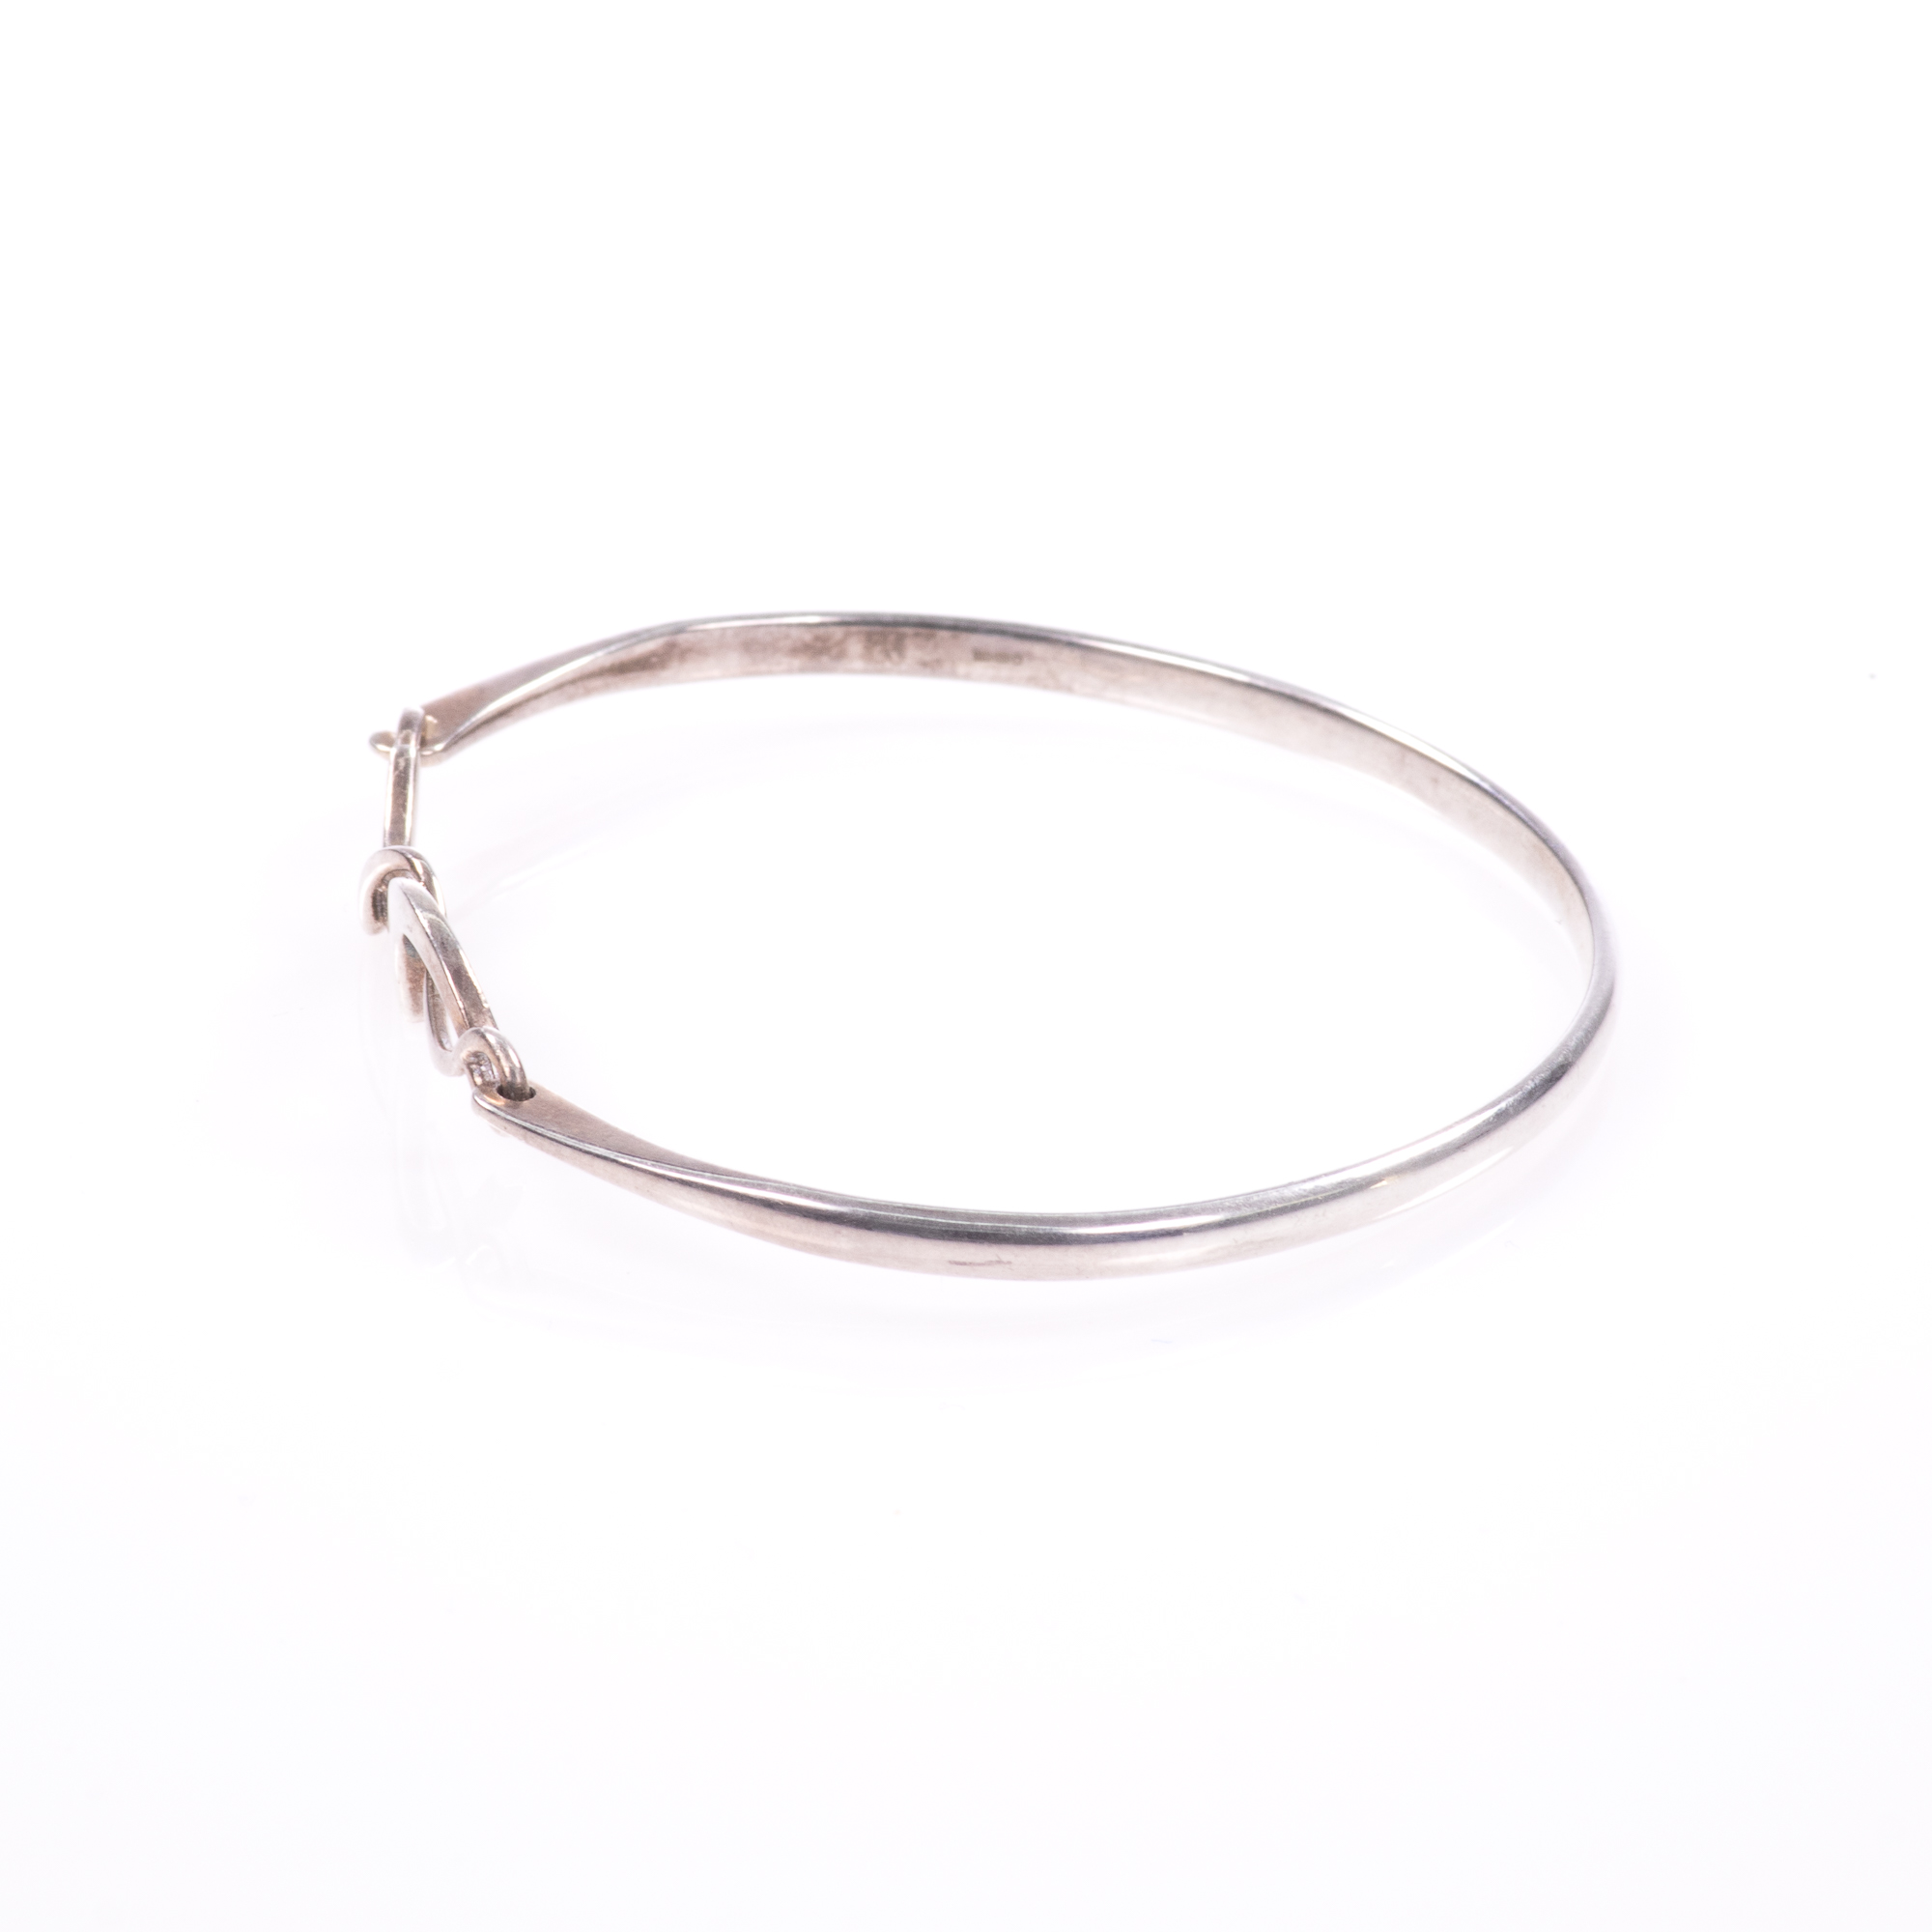 Silver Abstarct Modernist Bangle Bracelet - Image 3 of 9